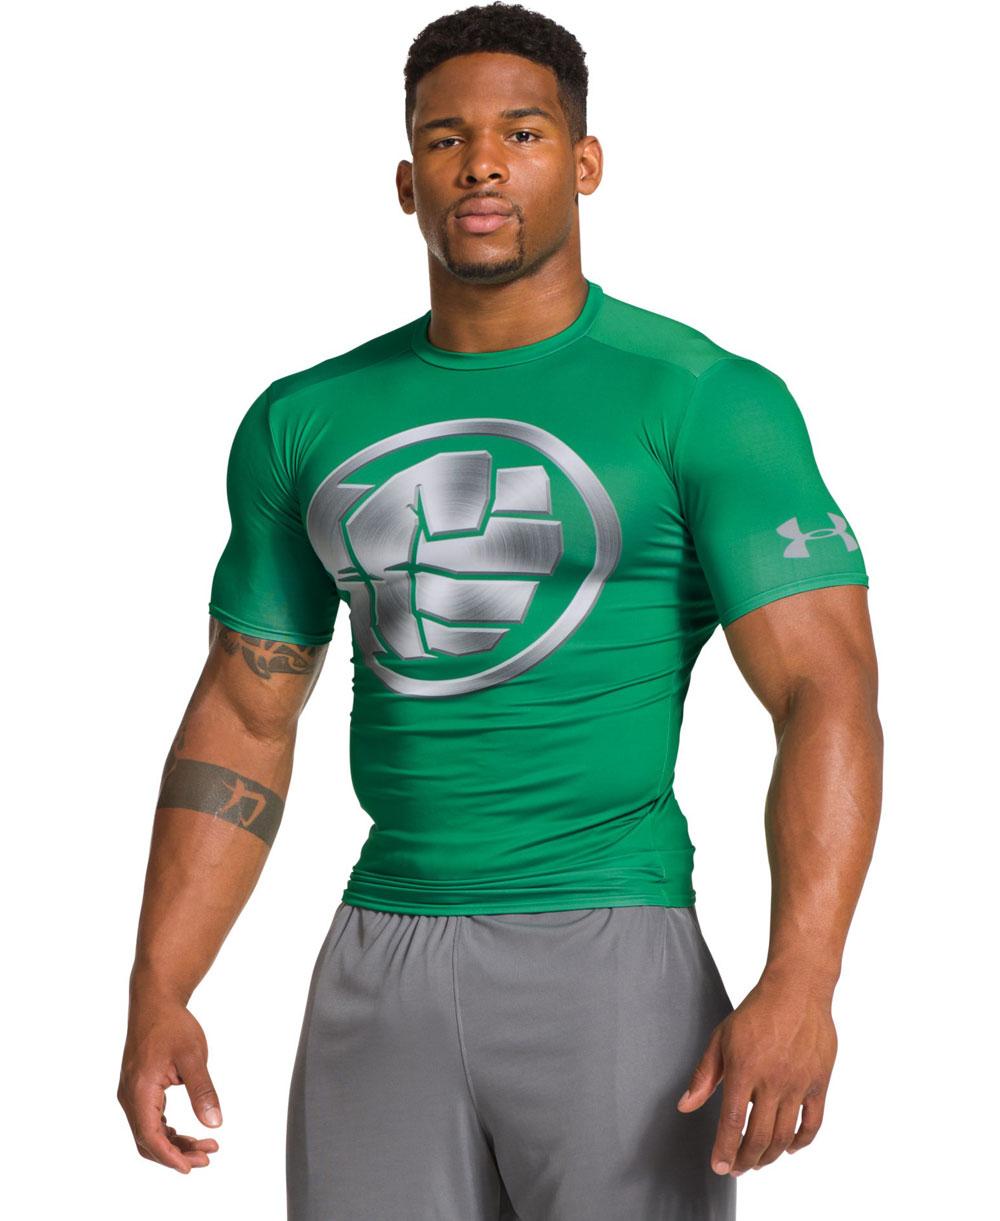 Alter Ego Maglia Compressione Uomo Manica Corta Hulk Chrome